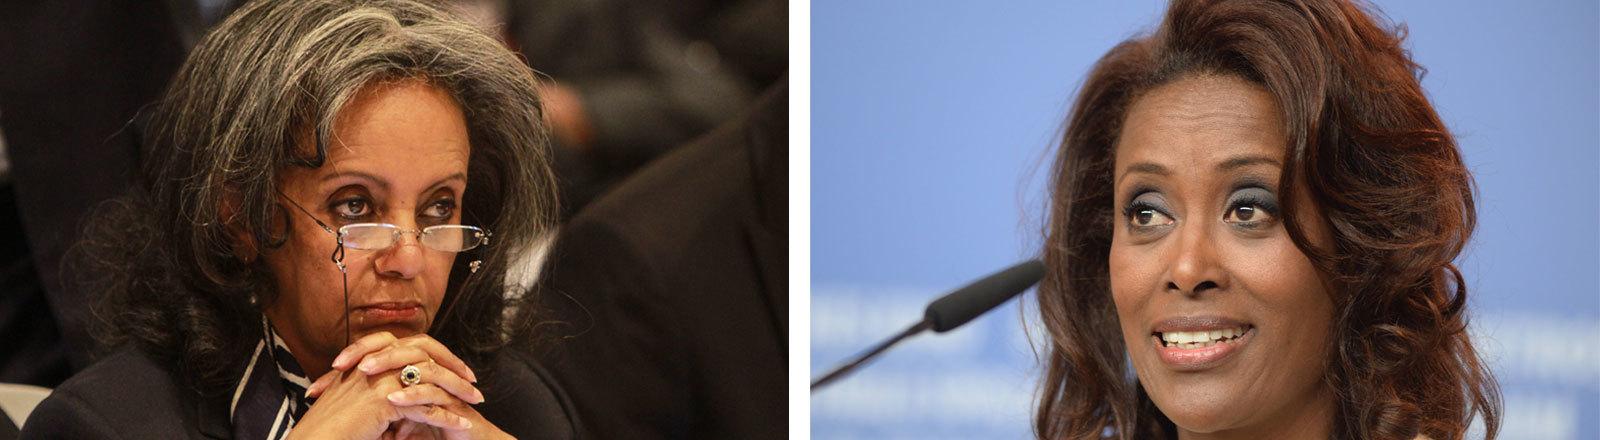 Sahle-Work Zewde, Bundespräsidenting Äthiopien, Meaza Ashenafi, Richterin am Obersten Gerichtshof Äthiopiens